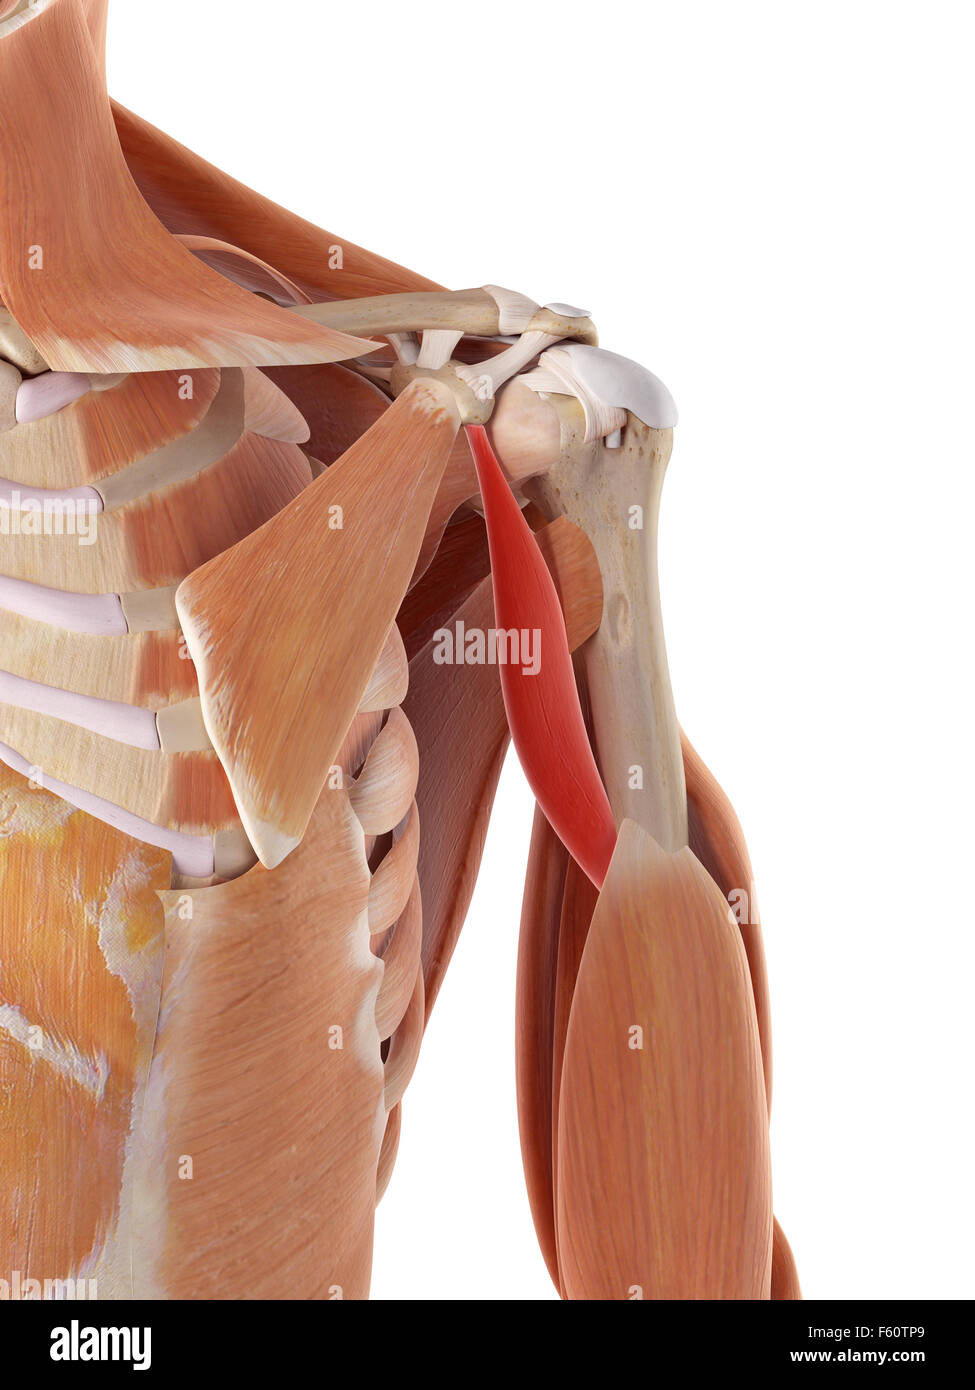 Illustration de l'exacte médicalement coracobrachialis Photo Stock